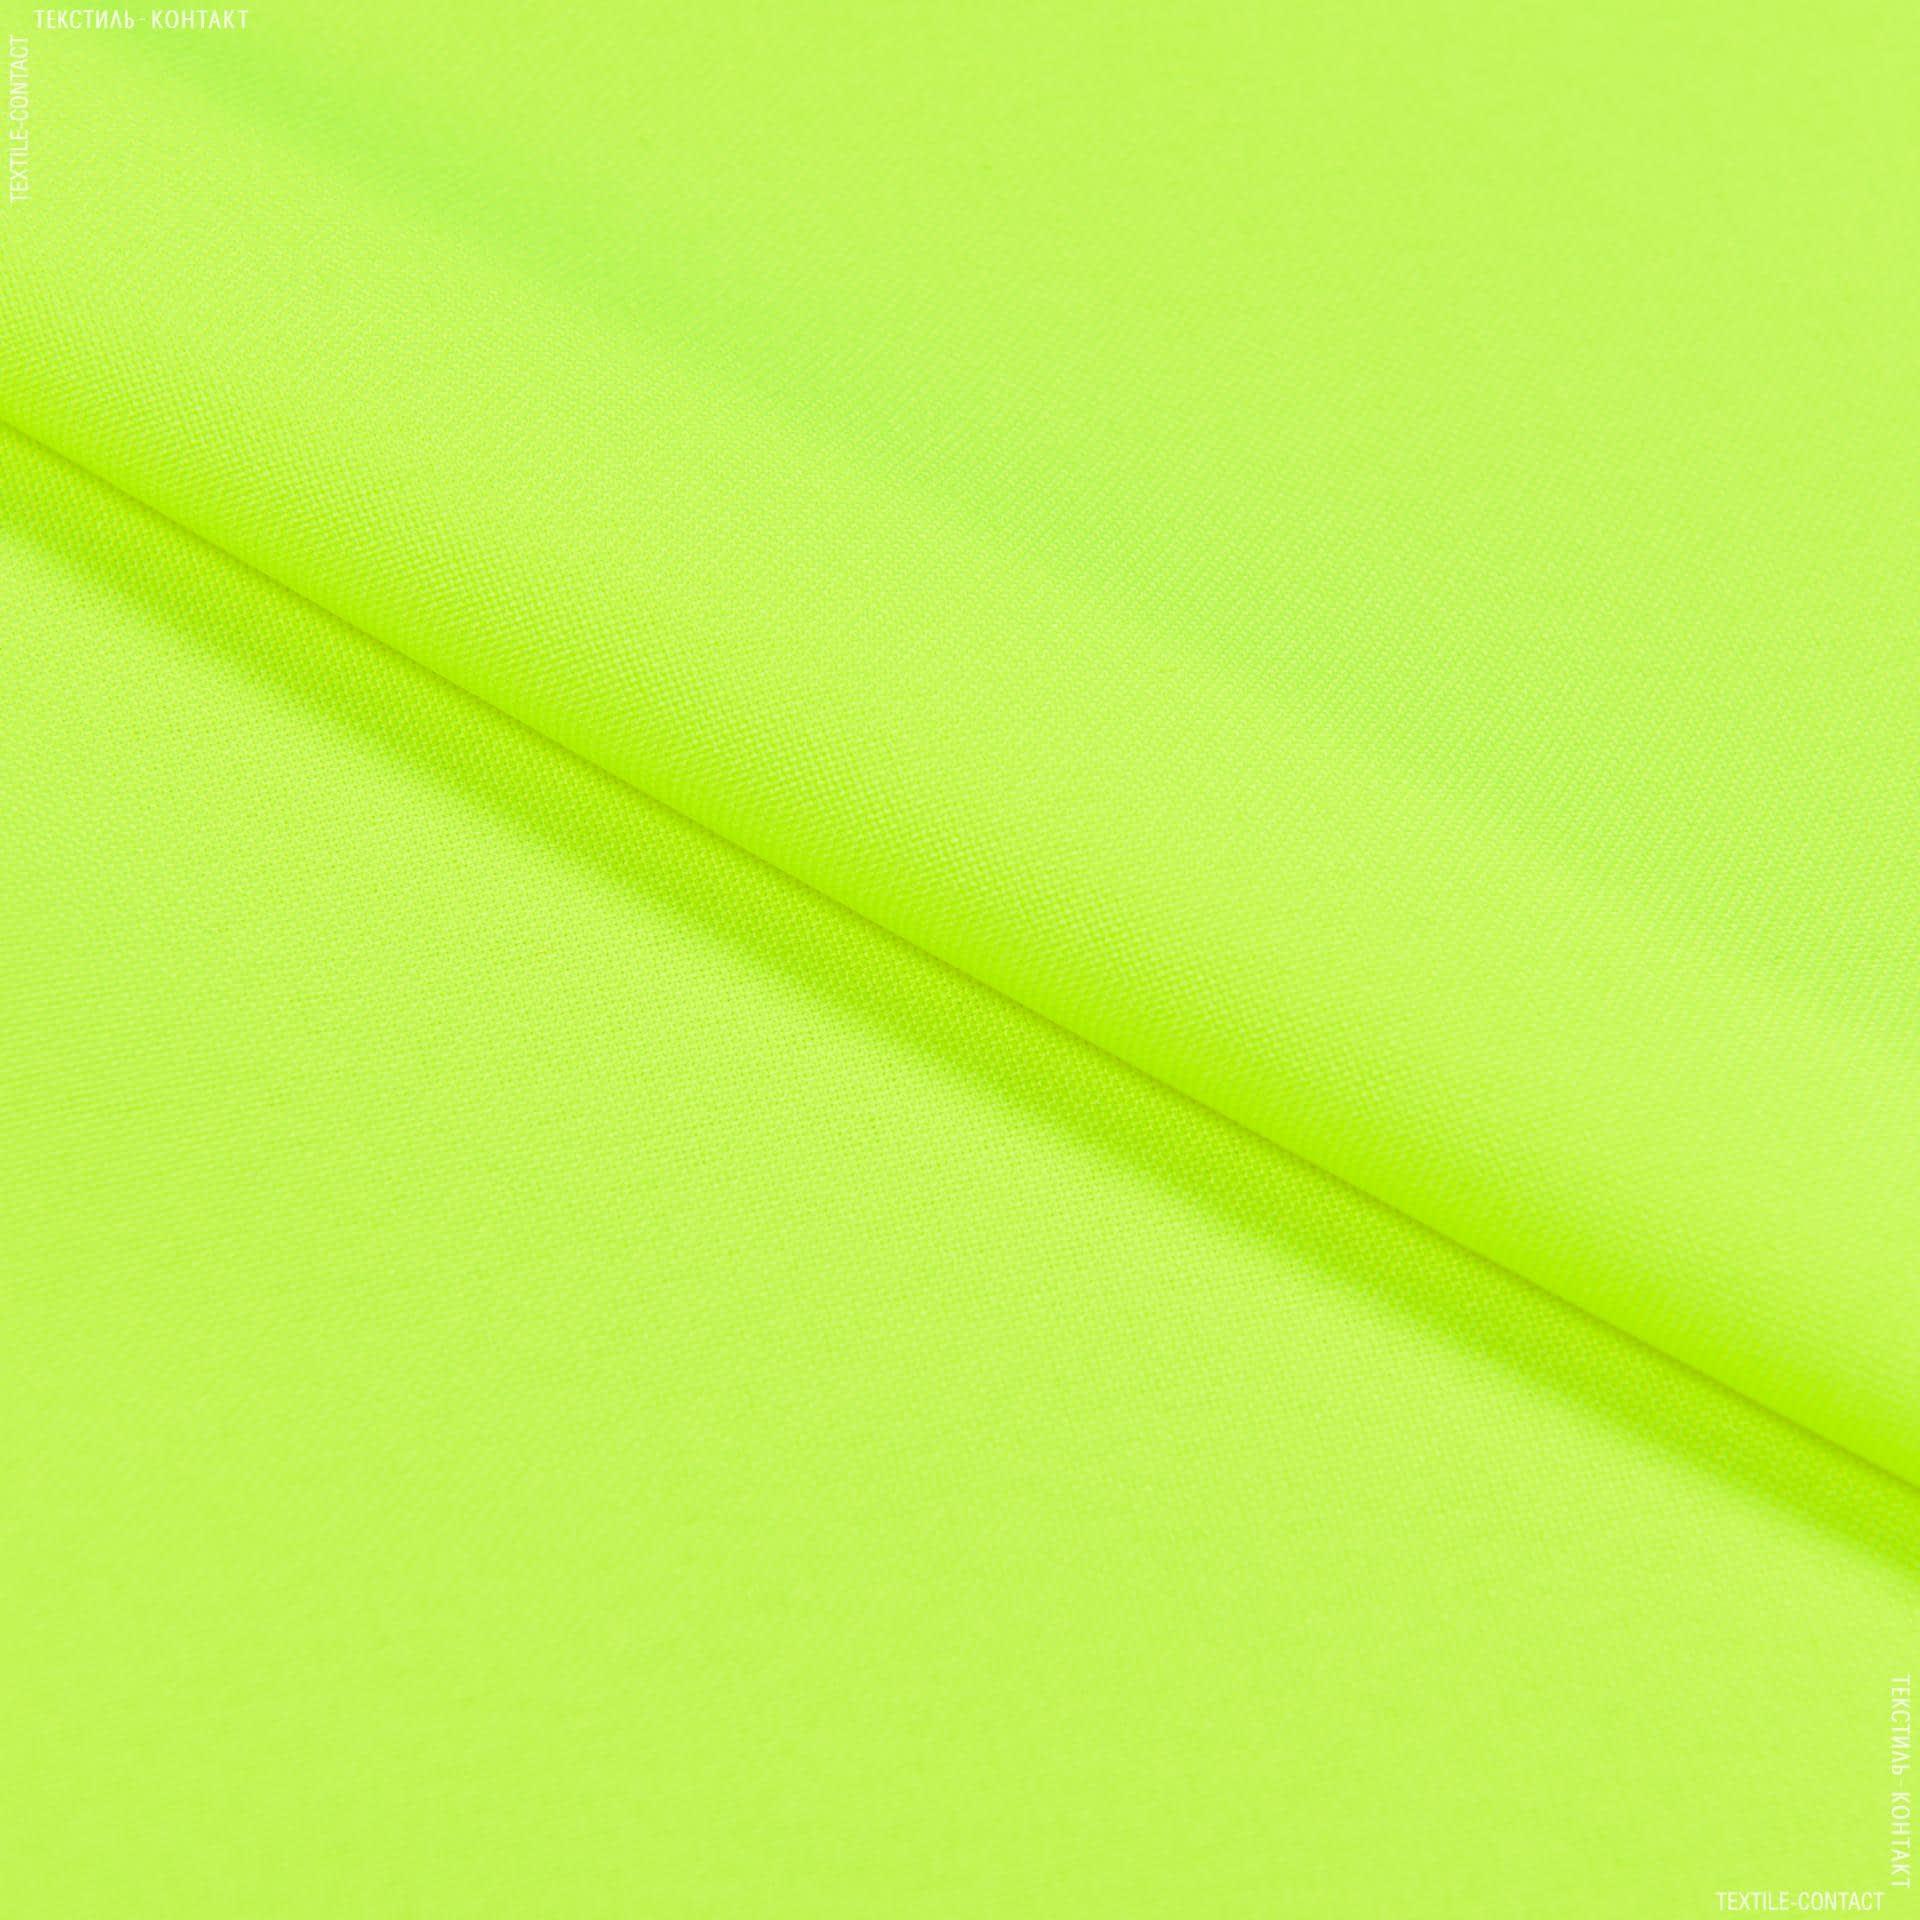 Ткани для спецодежды - Габардин фосфорный